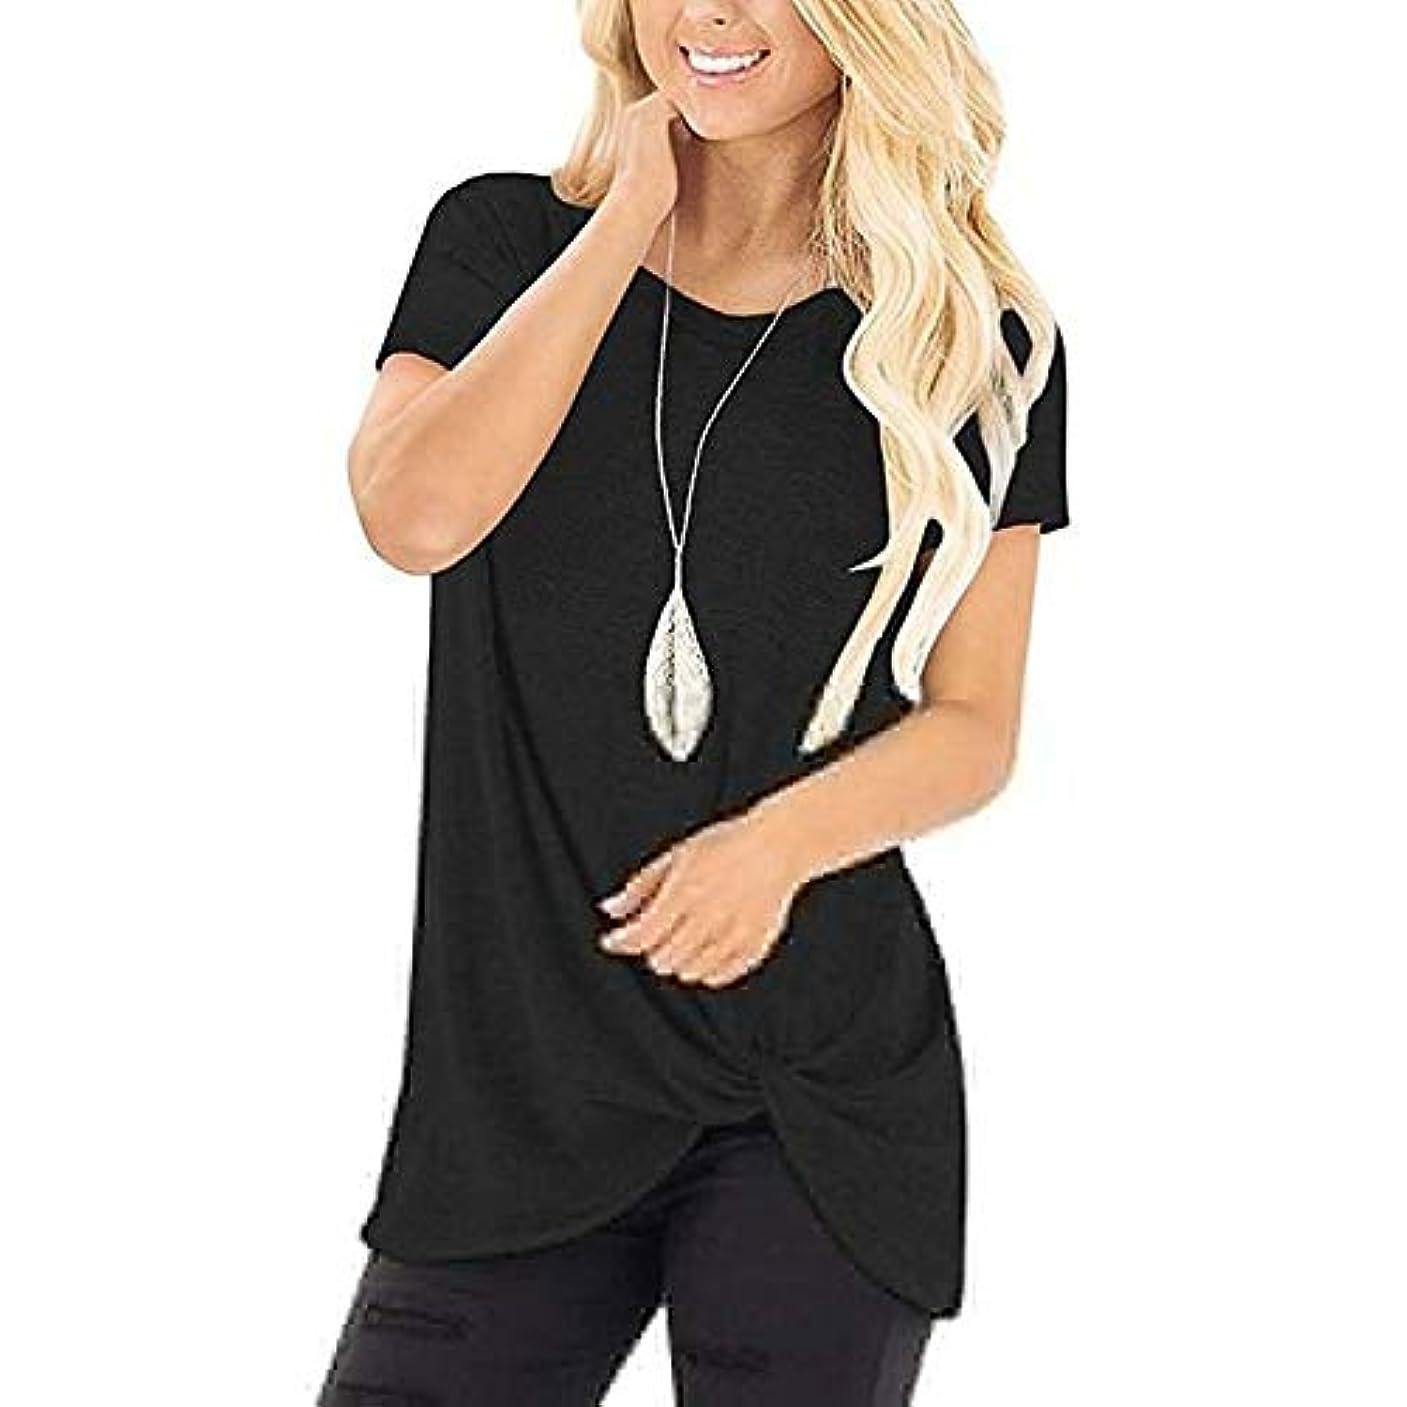 マトロン慈善無実MIFAN コットンTシャツ、カジュアルTシャツ、レディースブラウス、トップス&Tシャツ、プラスサイズ、ルーズtシャツ